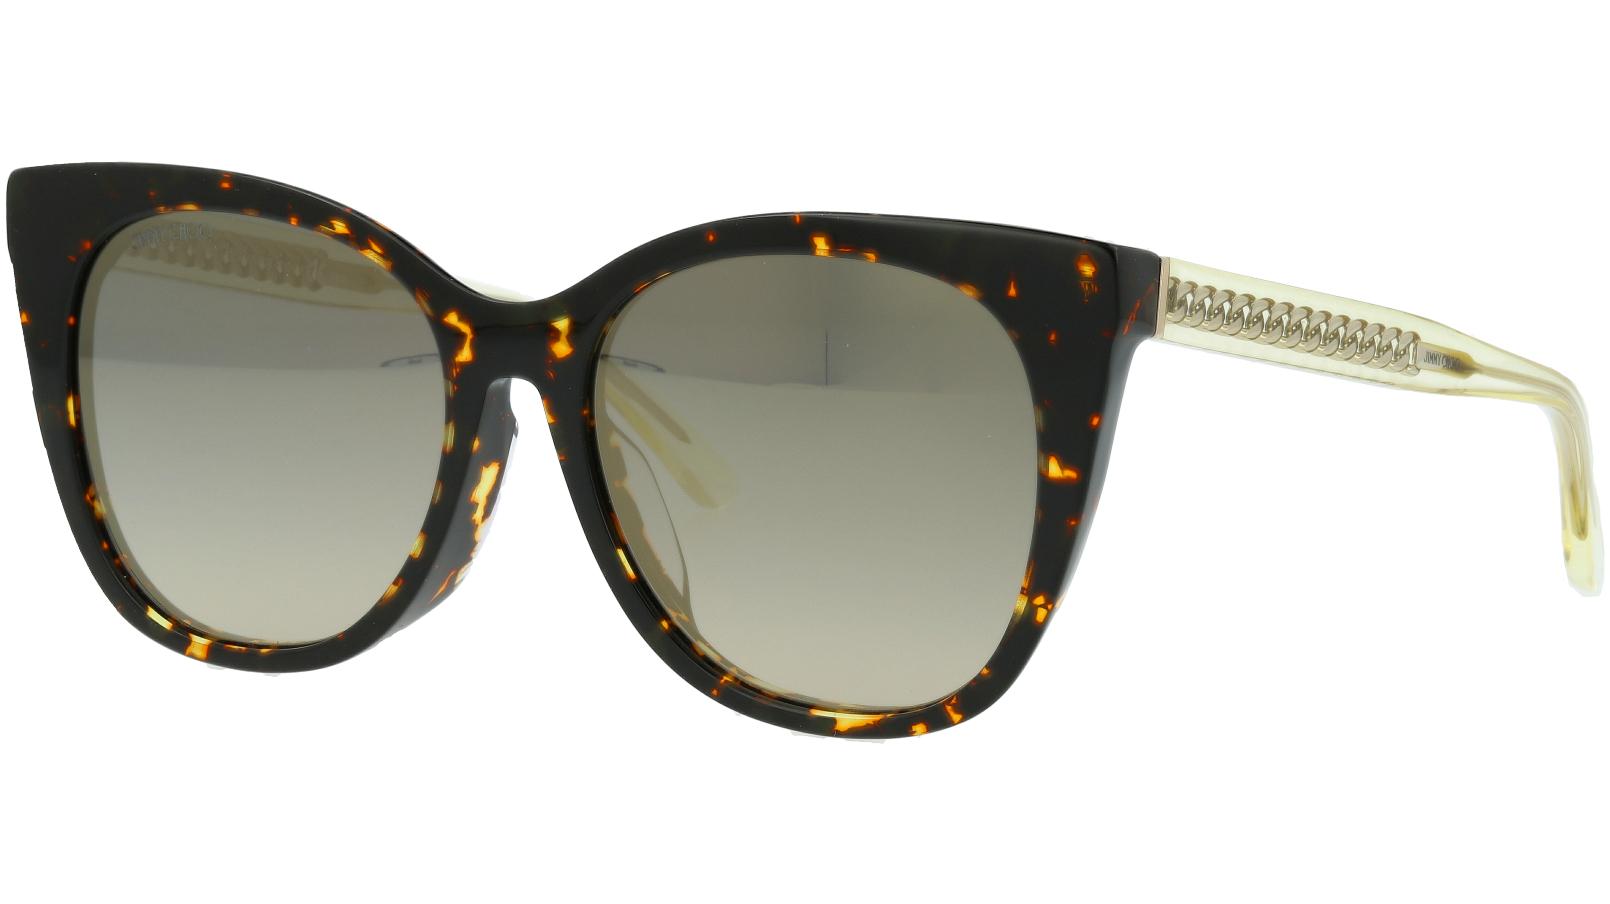 JIMMY CHOO ALENA/F/S HJVFQ 54 BROWN Sunglasses